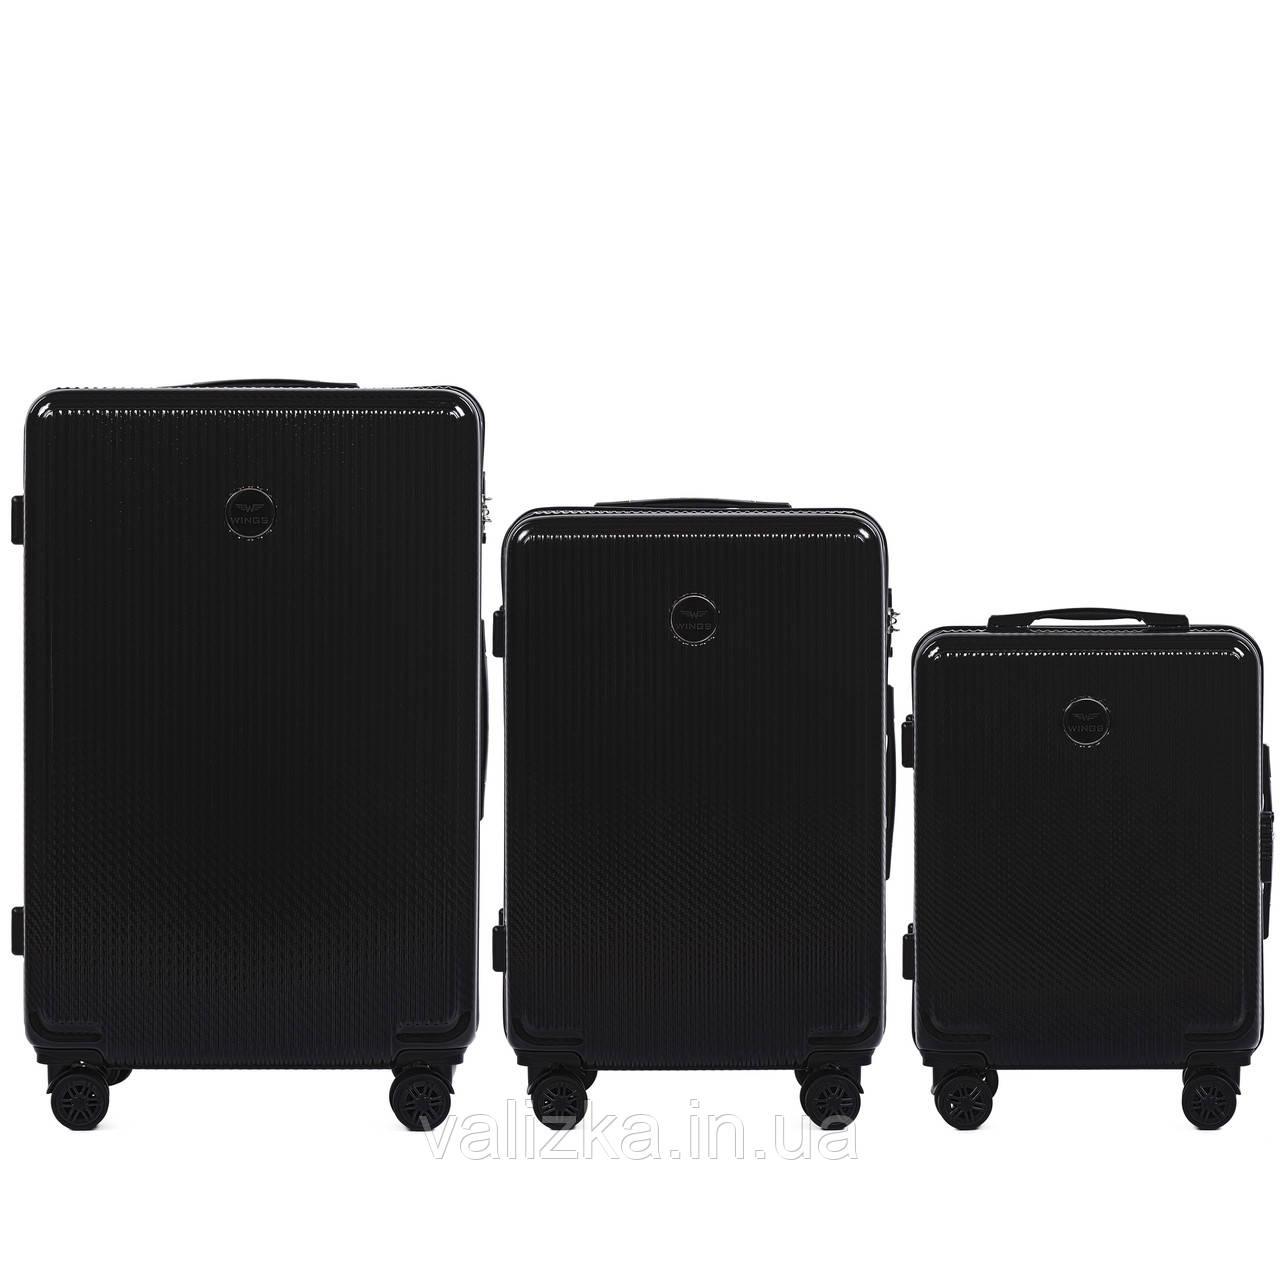 Комплект чемоданов из поликарбоната премиум серии W-563 штуки малый для ручной клади, средний и большой черный